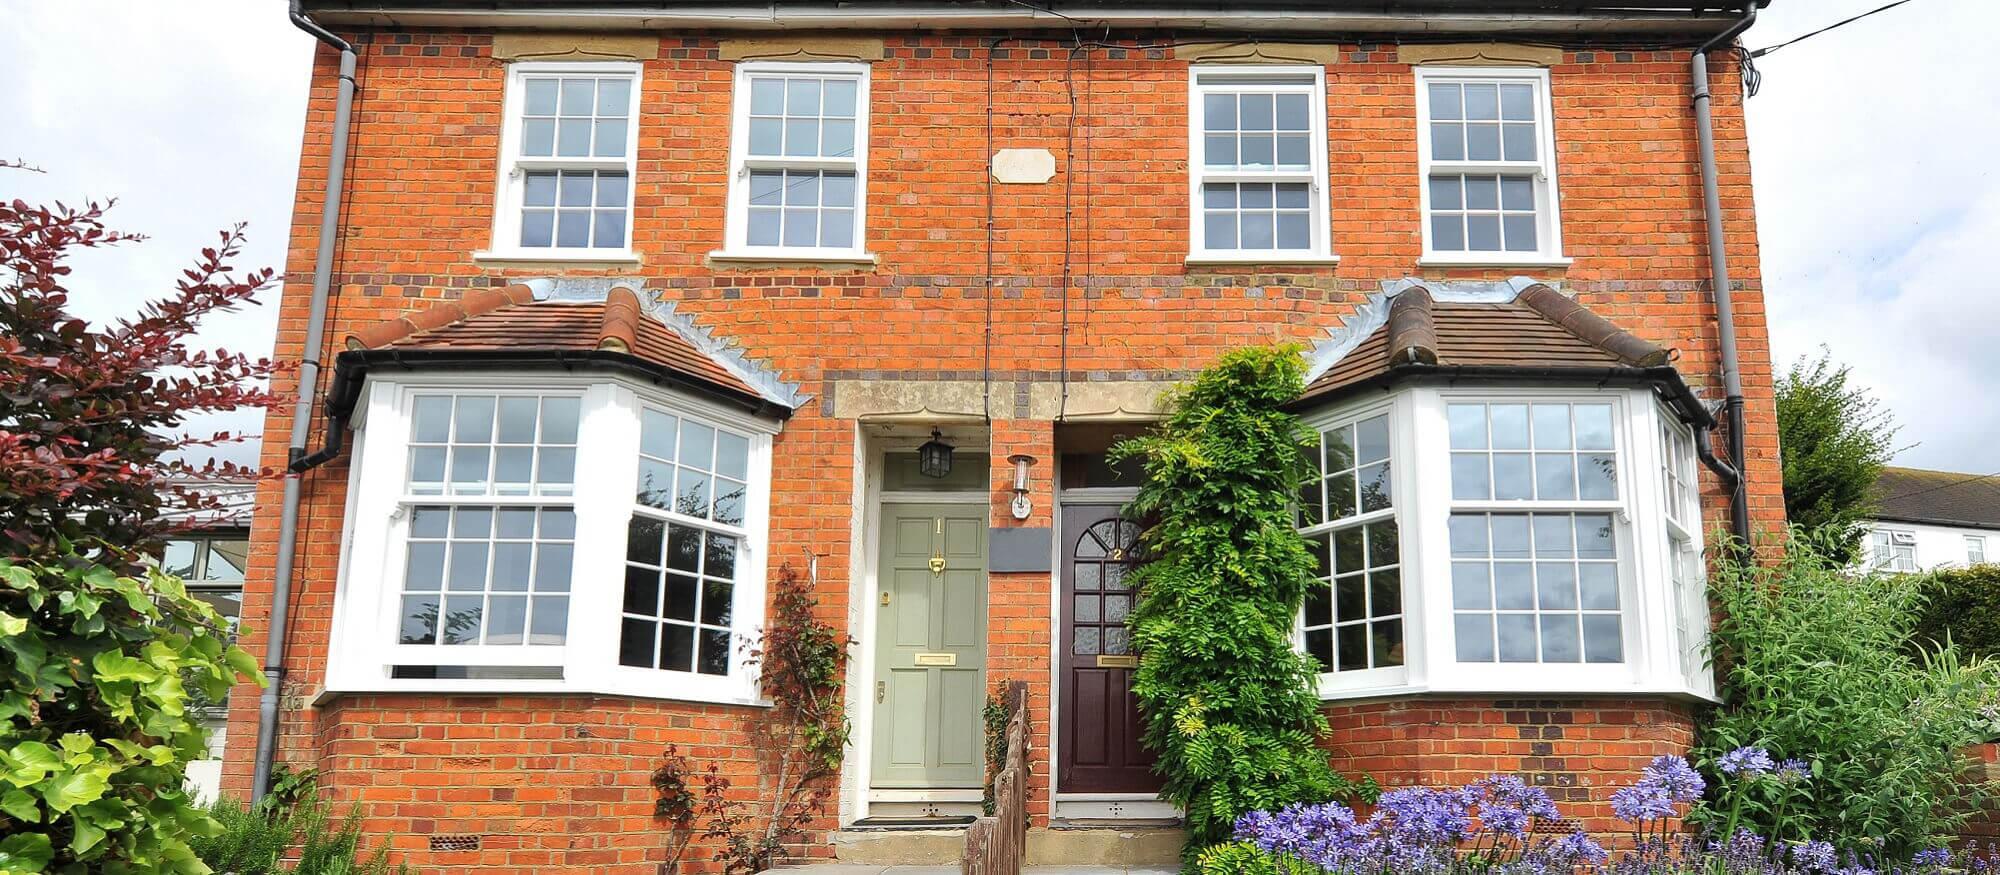 Timber Window and Door Case Studies